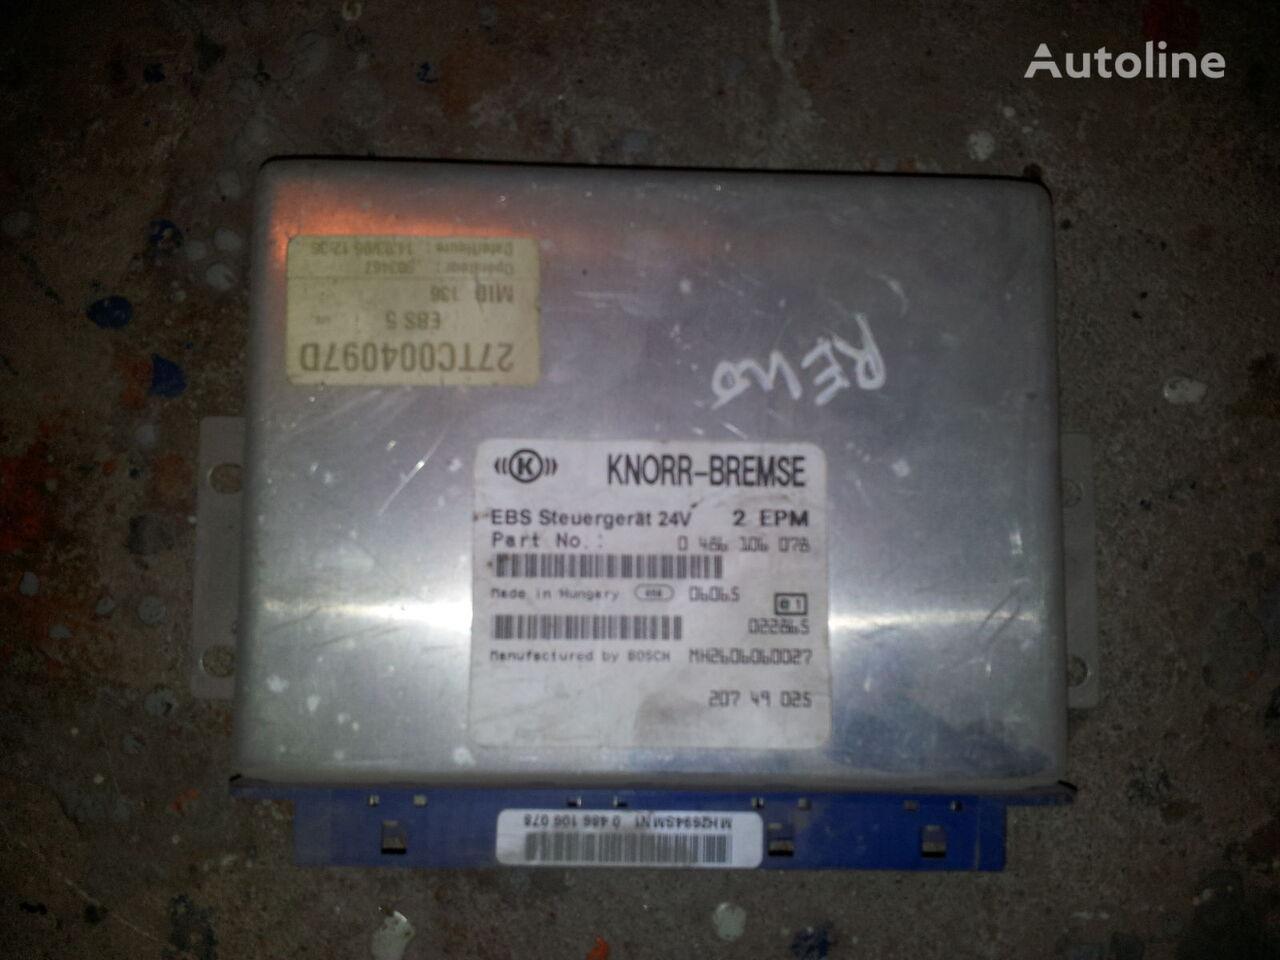 Renault DXI MAGNUM, PREMIUM EBS Control unit 20749025, 20895573, 0486106078, 0486106085, 20895576, 85110026, 85129471, 85110025, 20895573 unitate de control pentru RENAULT Magnum DXI autotractor